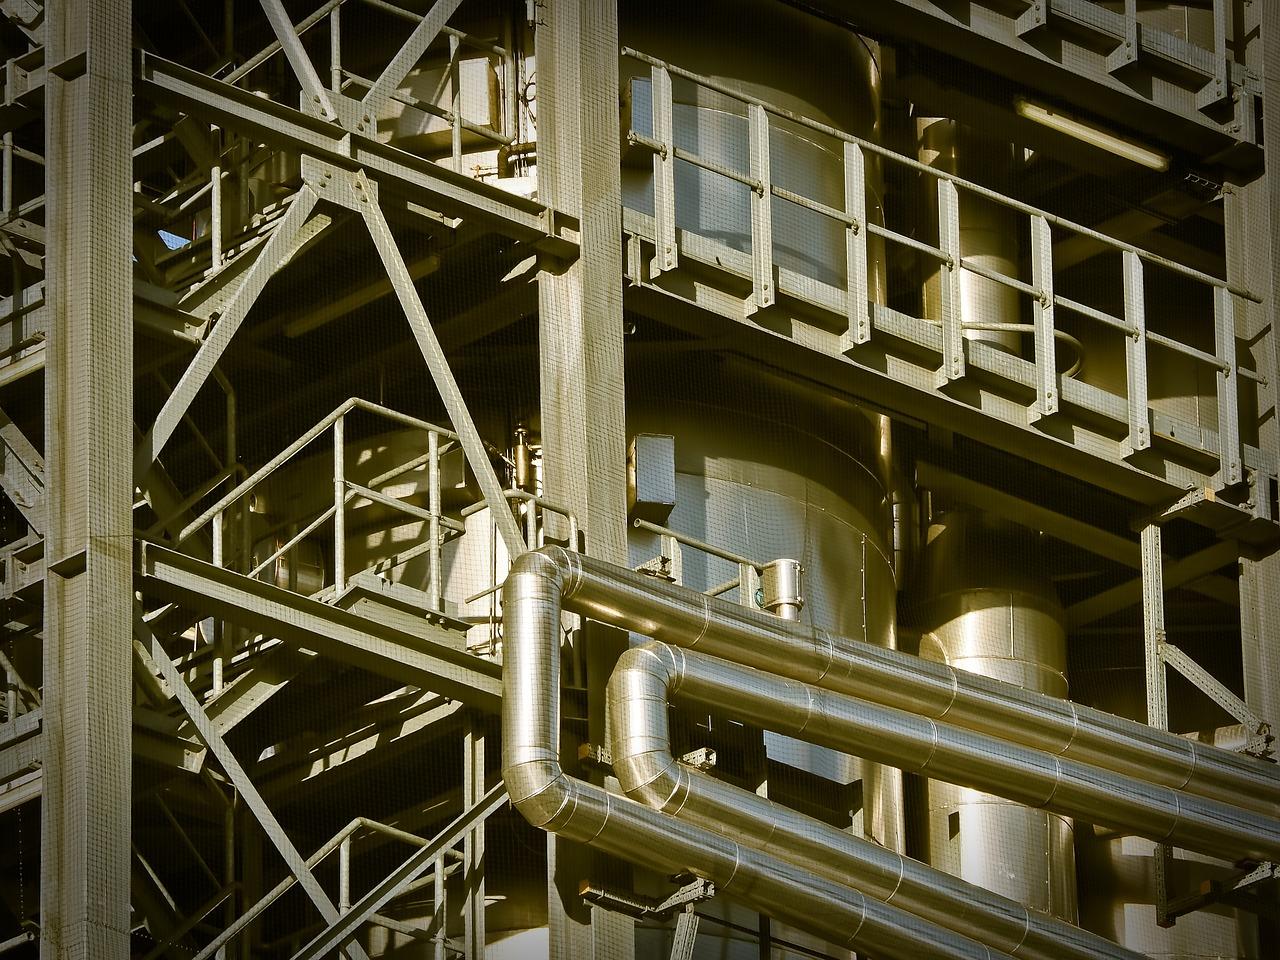 fábrica, edificio, industria